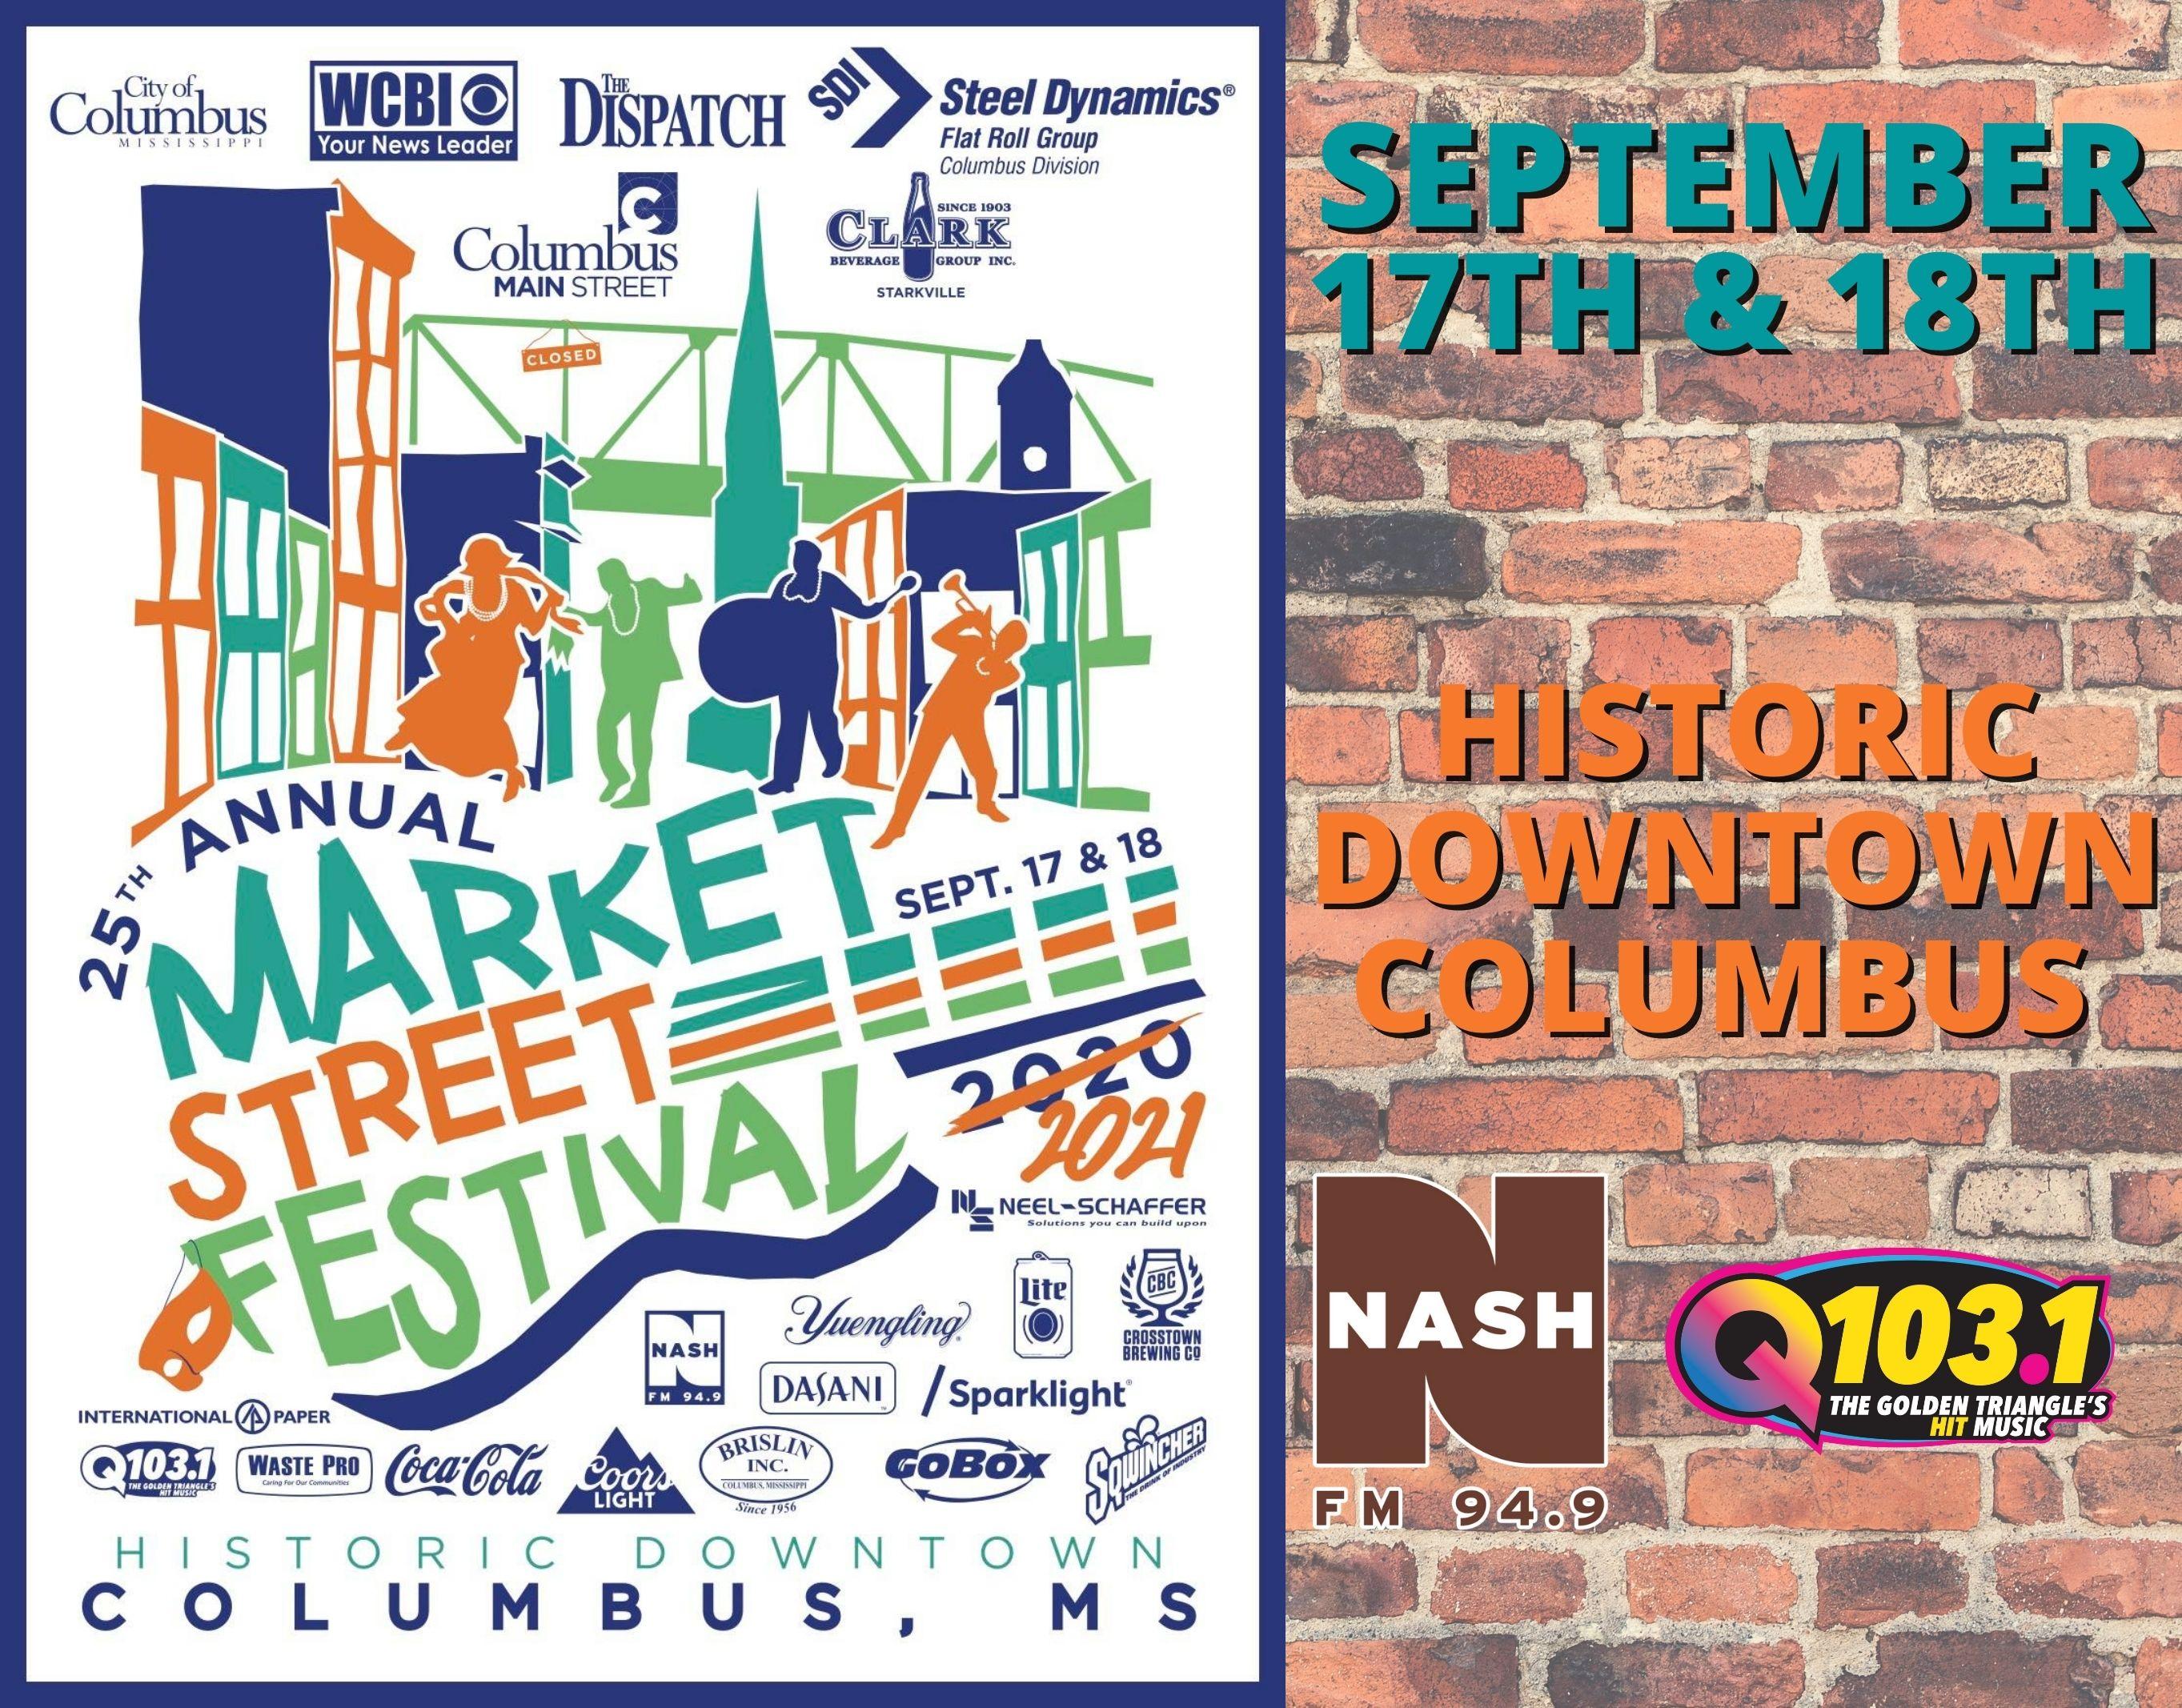 Market Street Festival-Sept 17 & 18